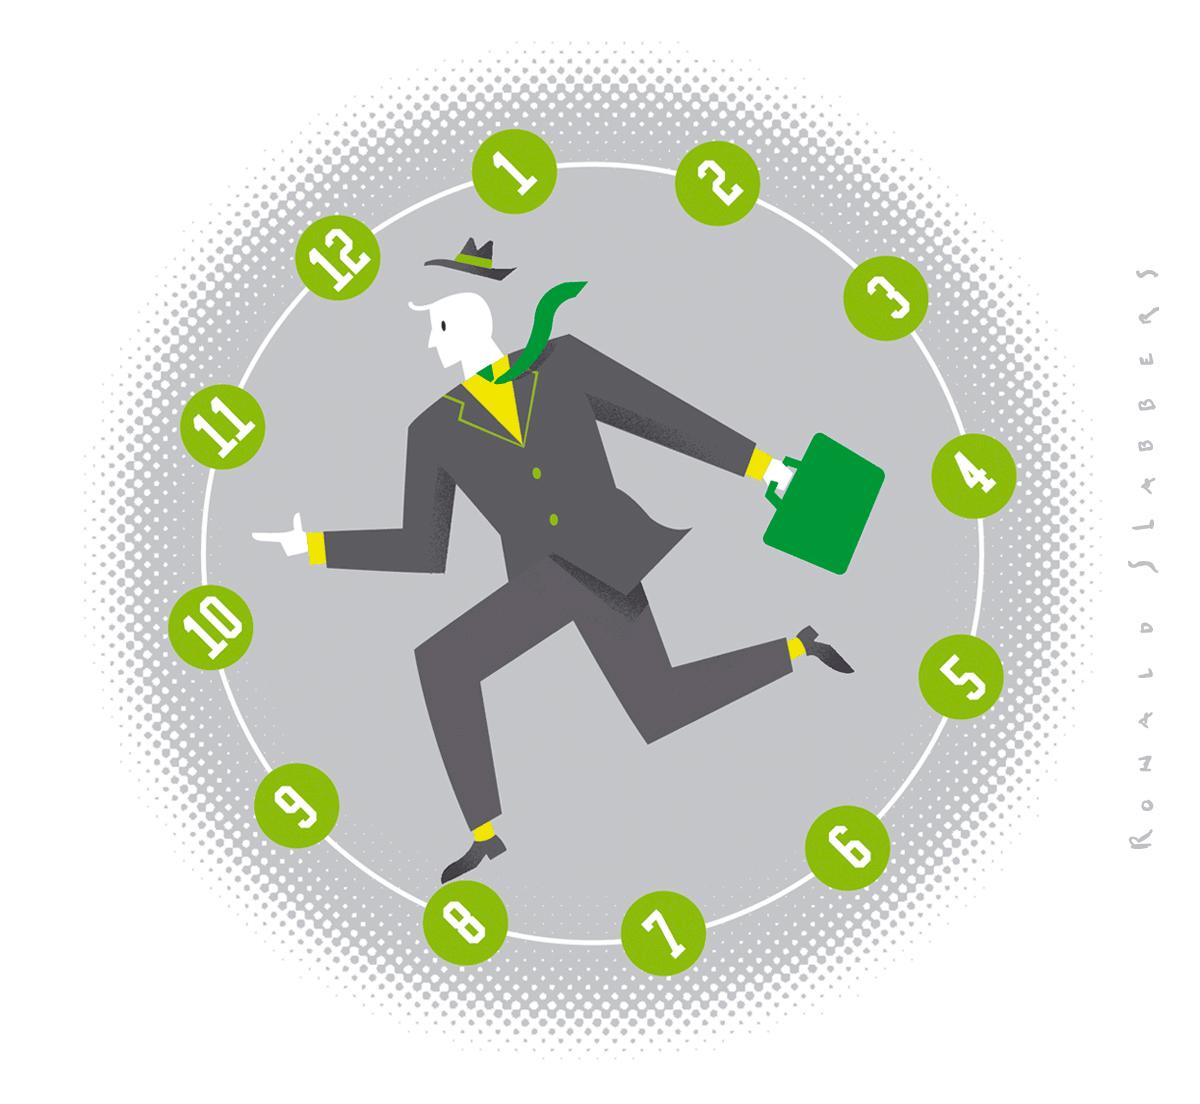 redactionele conceptuele illustratie, zakenman met koffertje rent, holt, gevangen in een tredmolen in de vorm van een klok